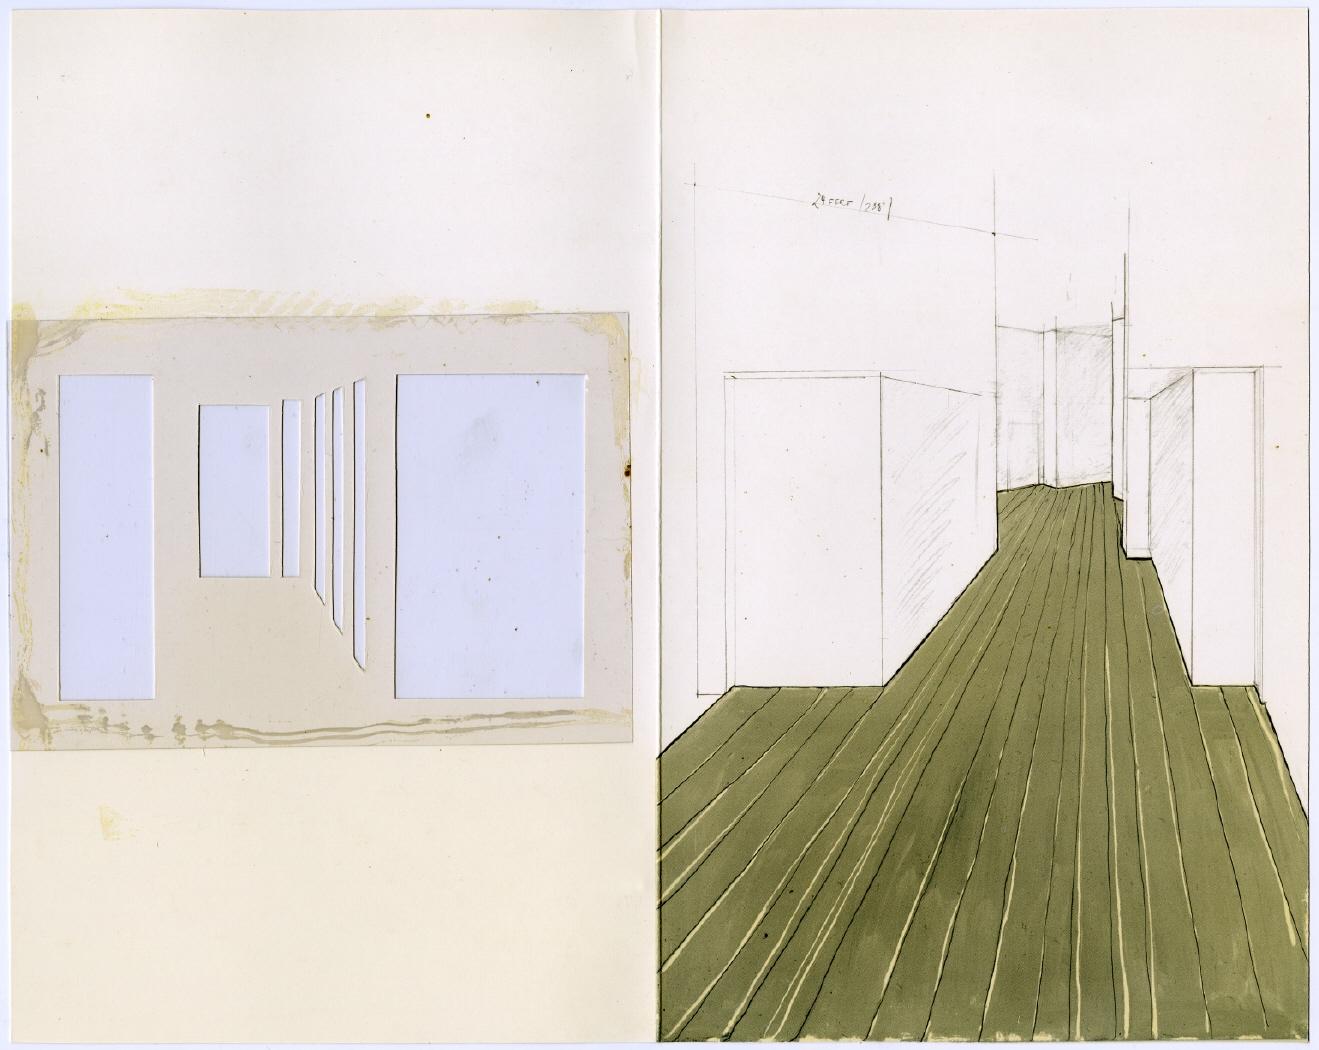 Corridor Store Front (S.M.S. No. 1), 1966-68